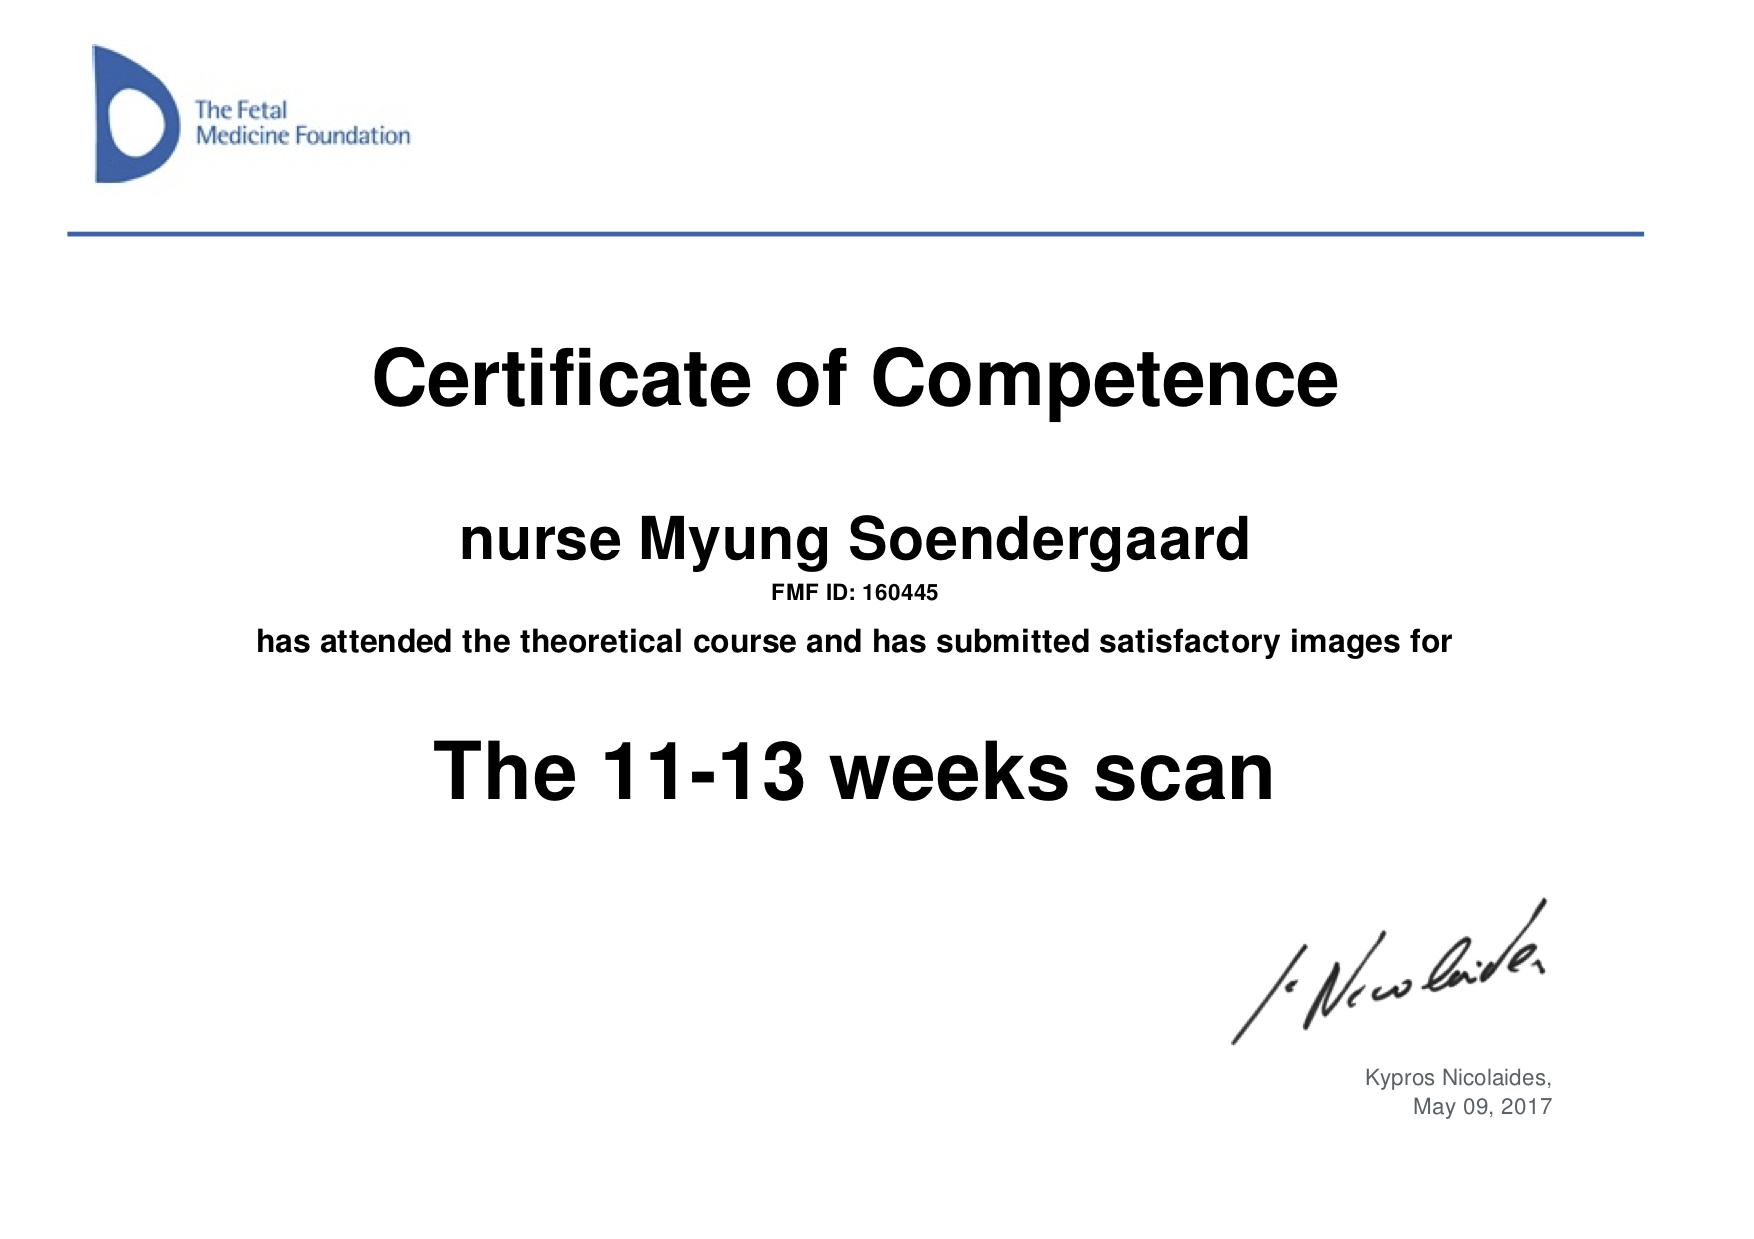 Myung's certificates